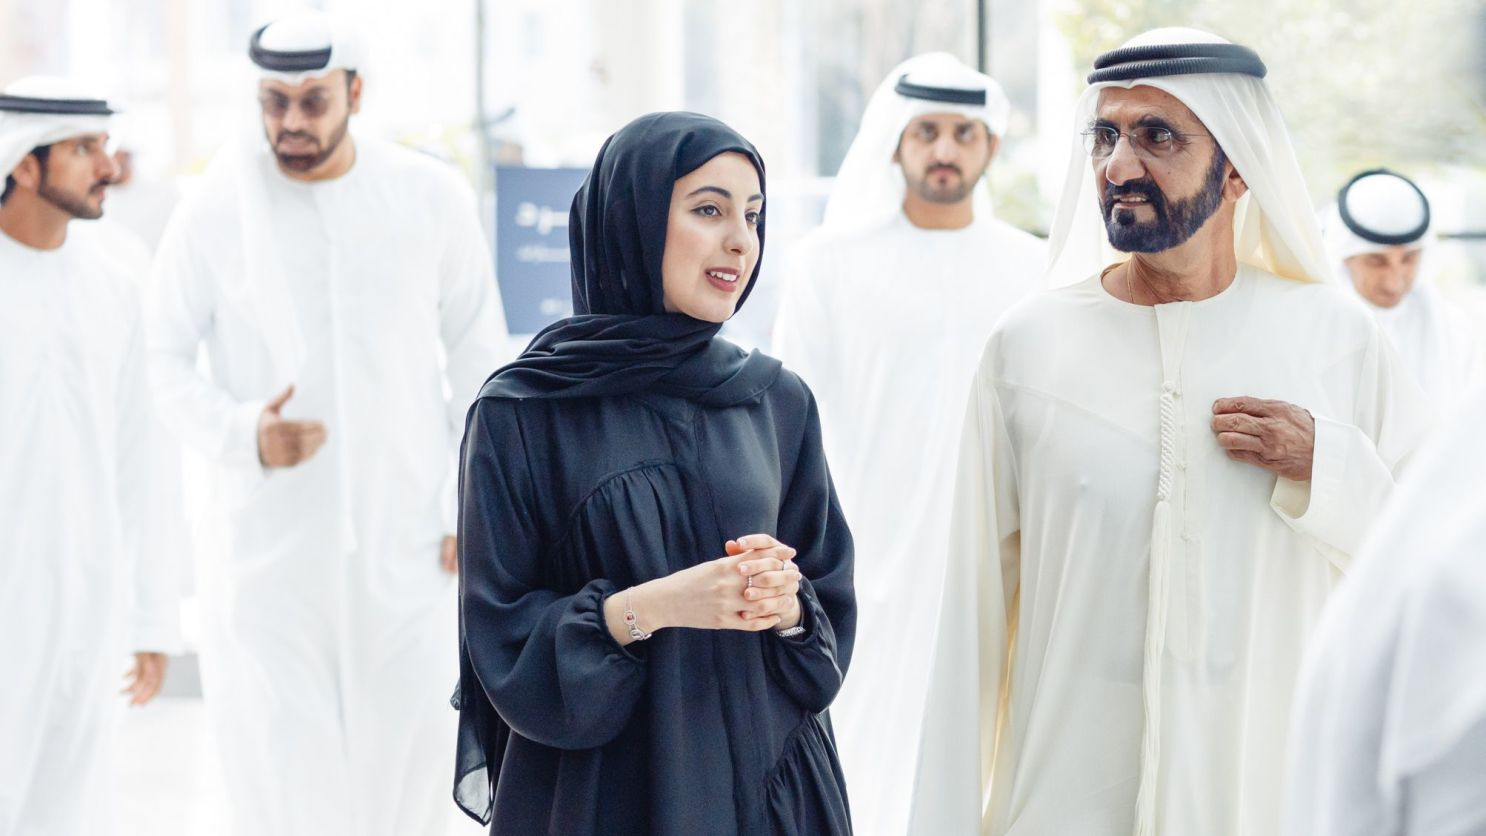 ОАЭ приняли пакет либеральных законов. Теперь в стране разрешено жить вместе до брака и пить алкоголь